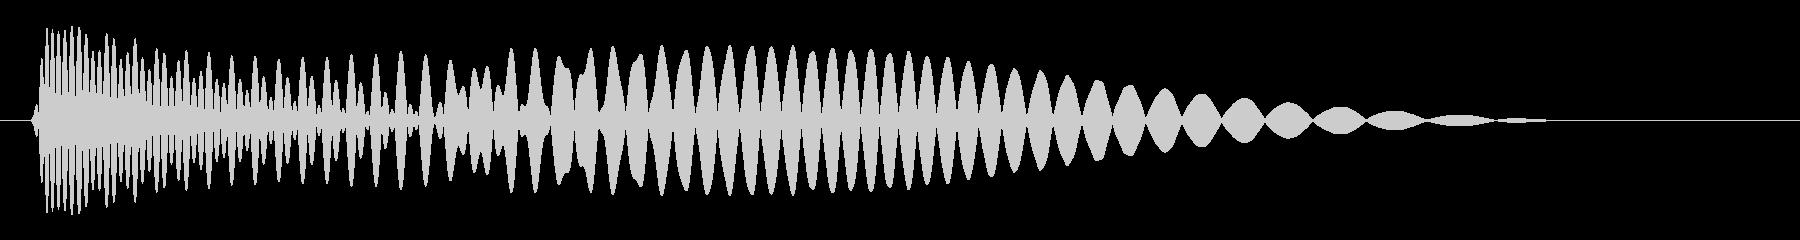 ポォォン(水の音色)の未再生の波形